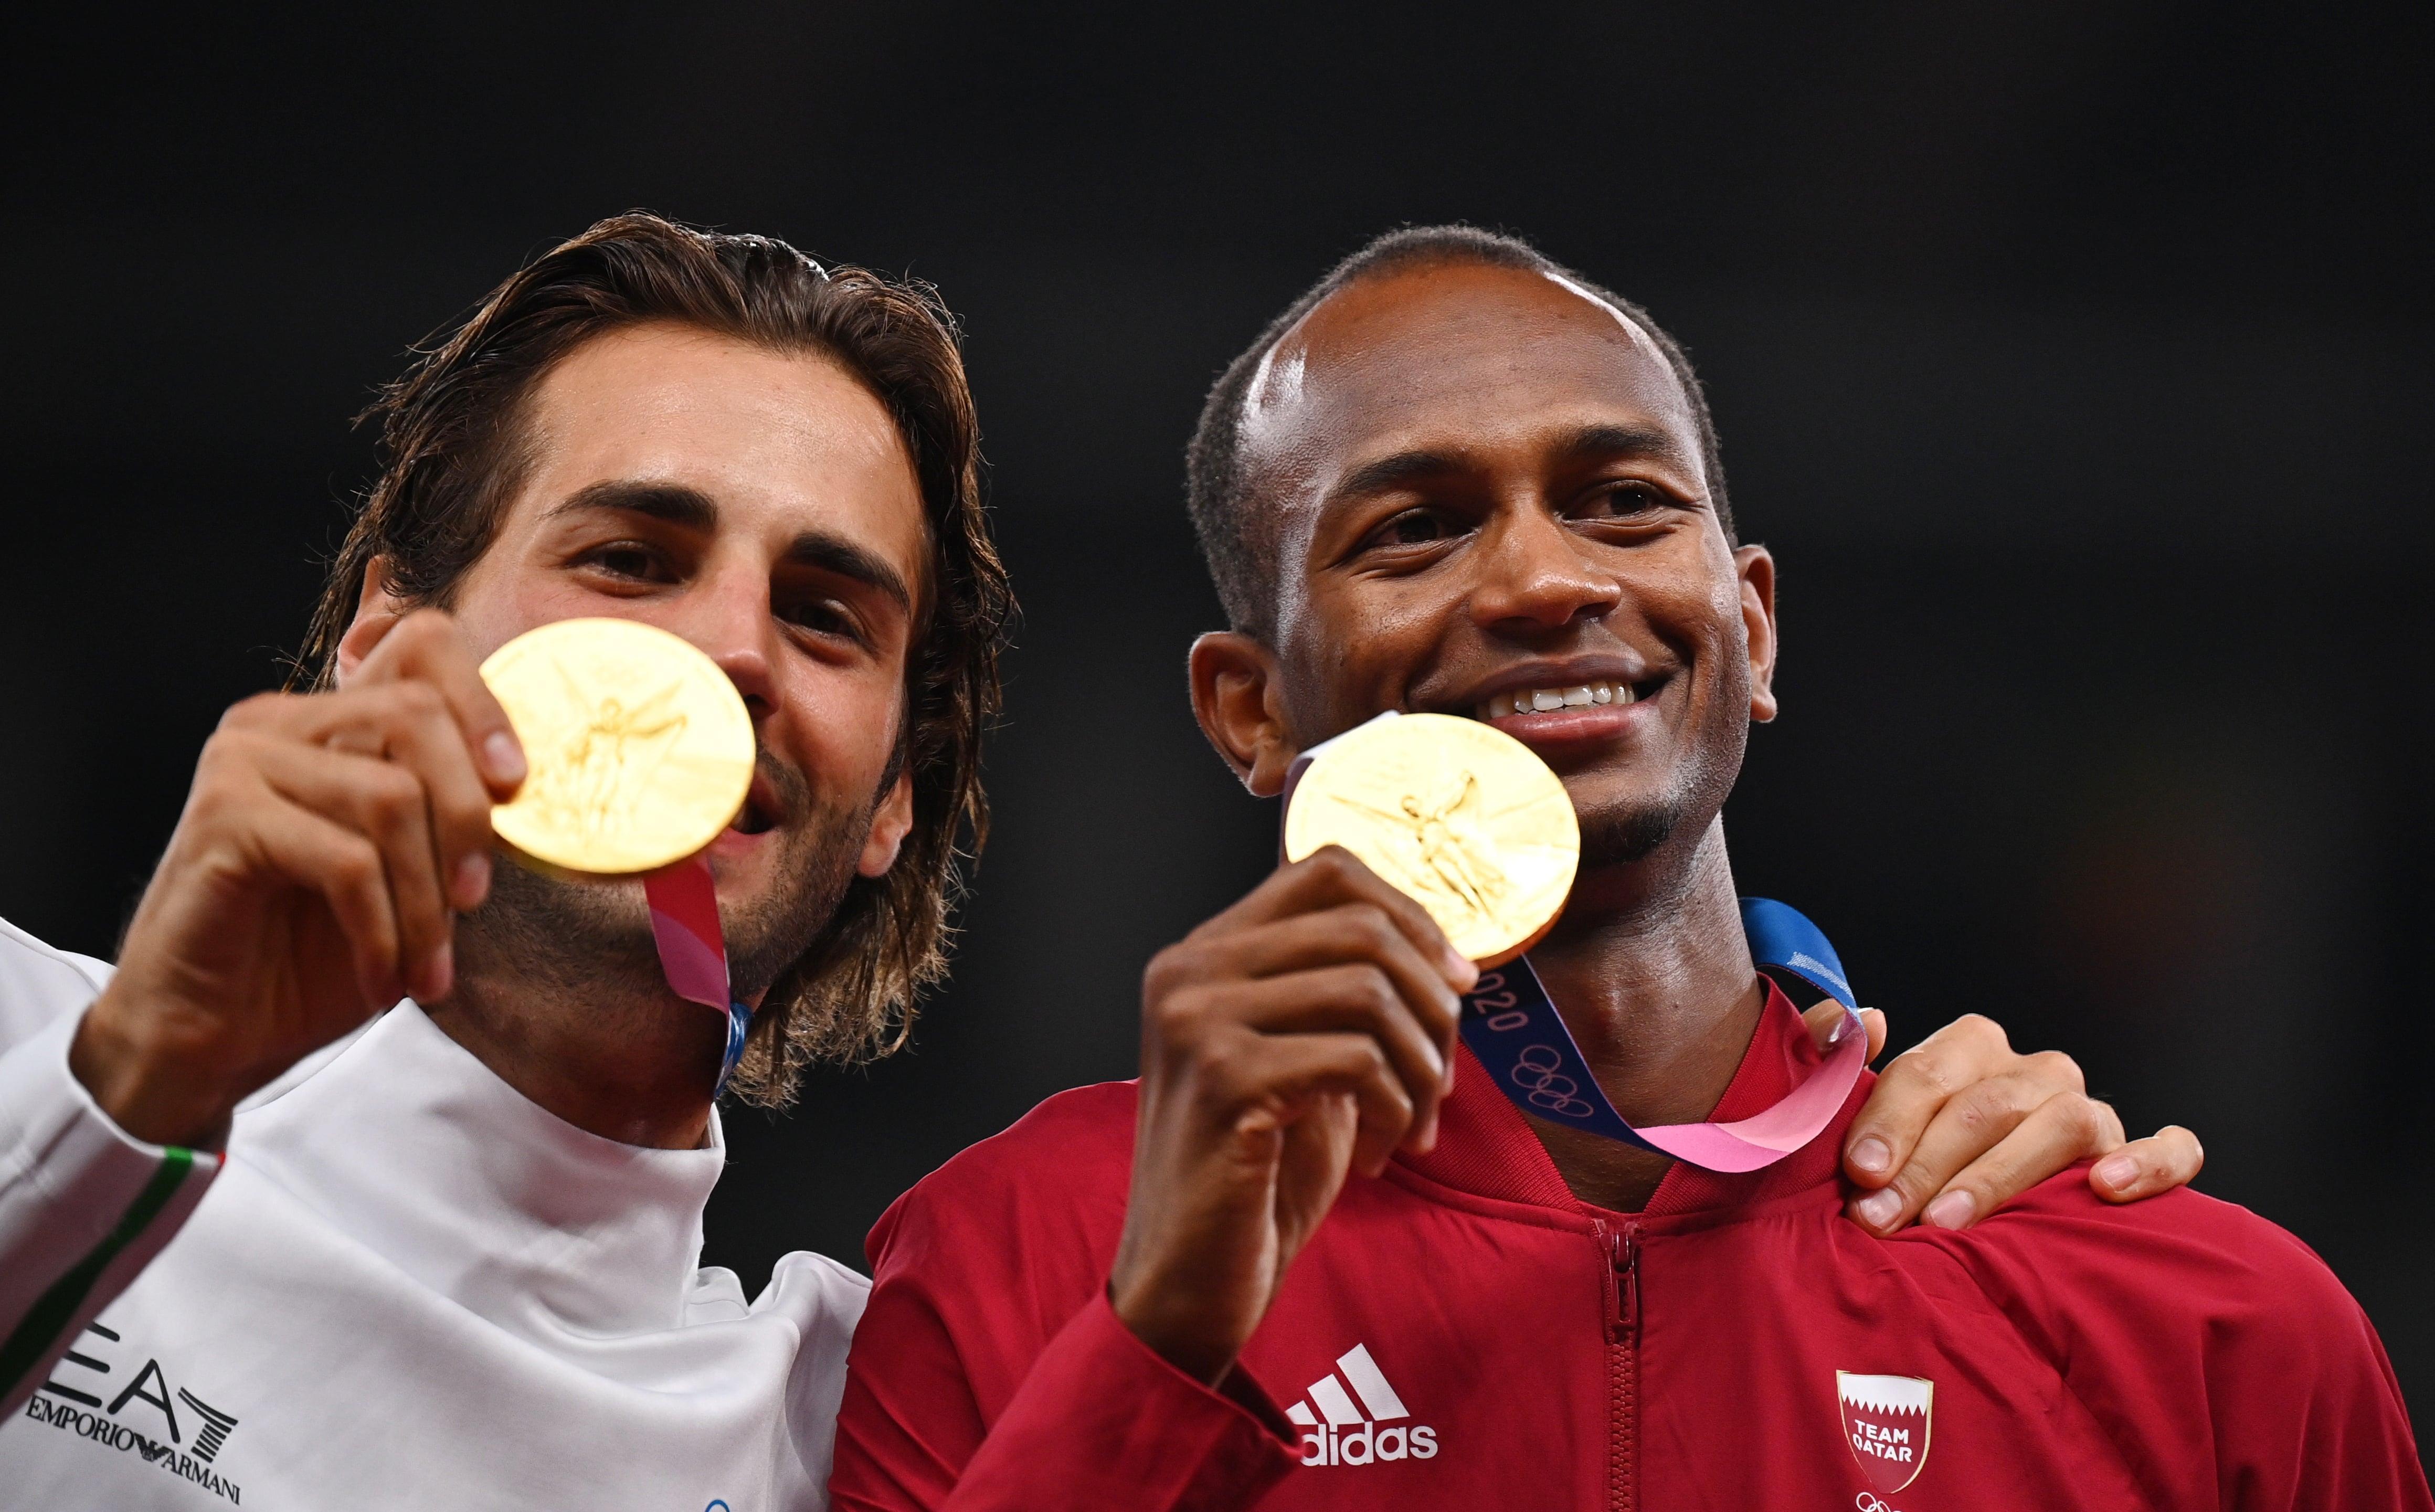 Mencengangkan, 2 Atlet Ini Pecahkan Sejarah Baru di Olimpiade